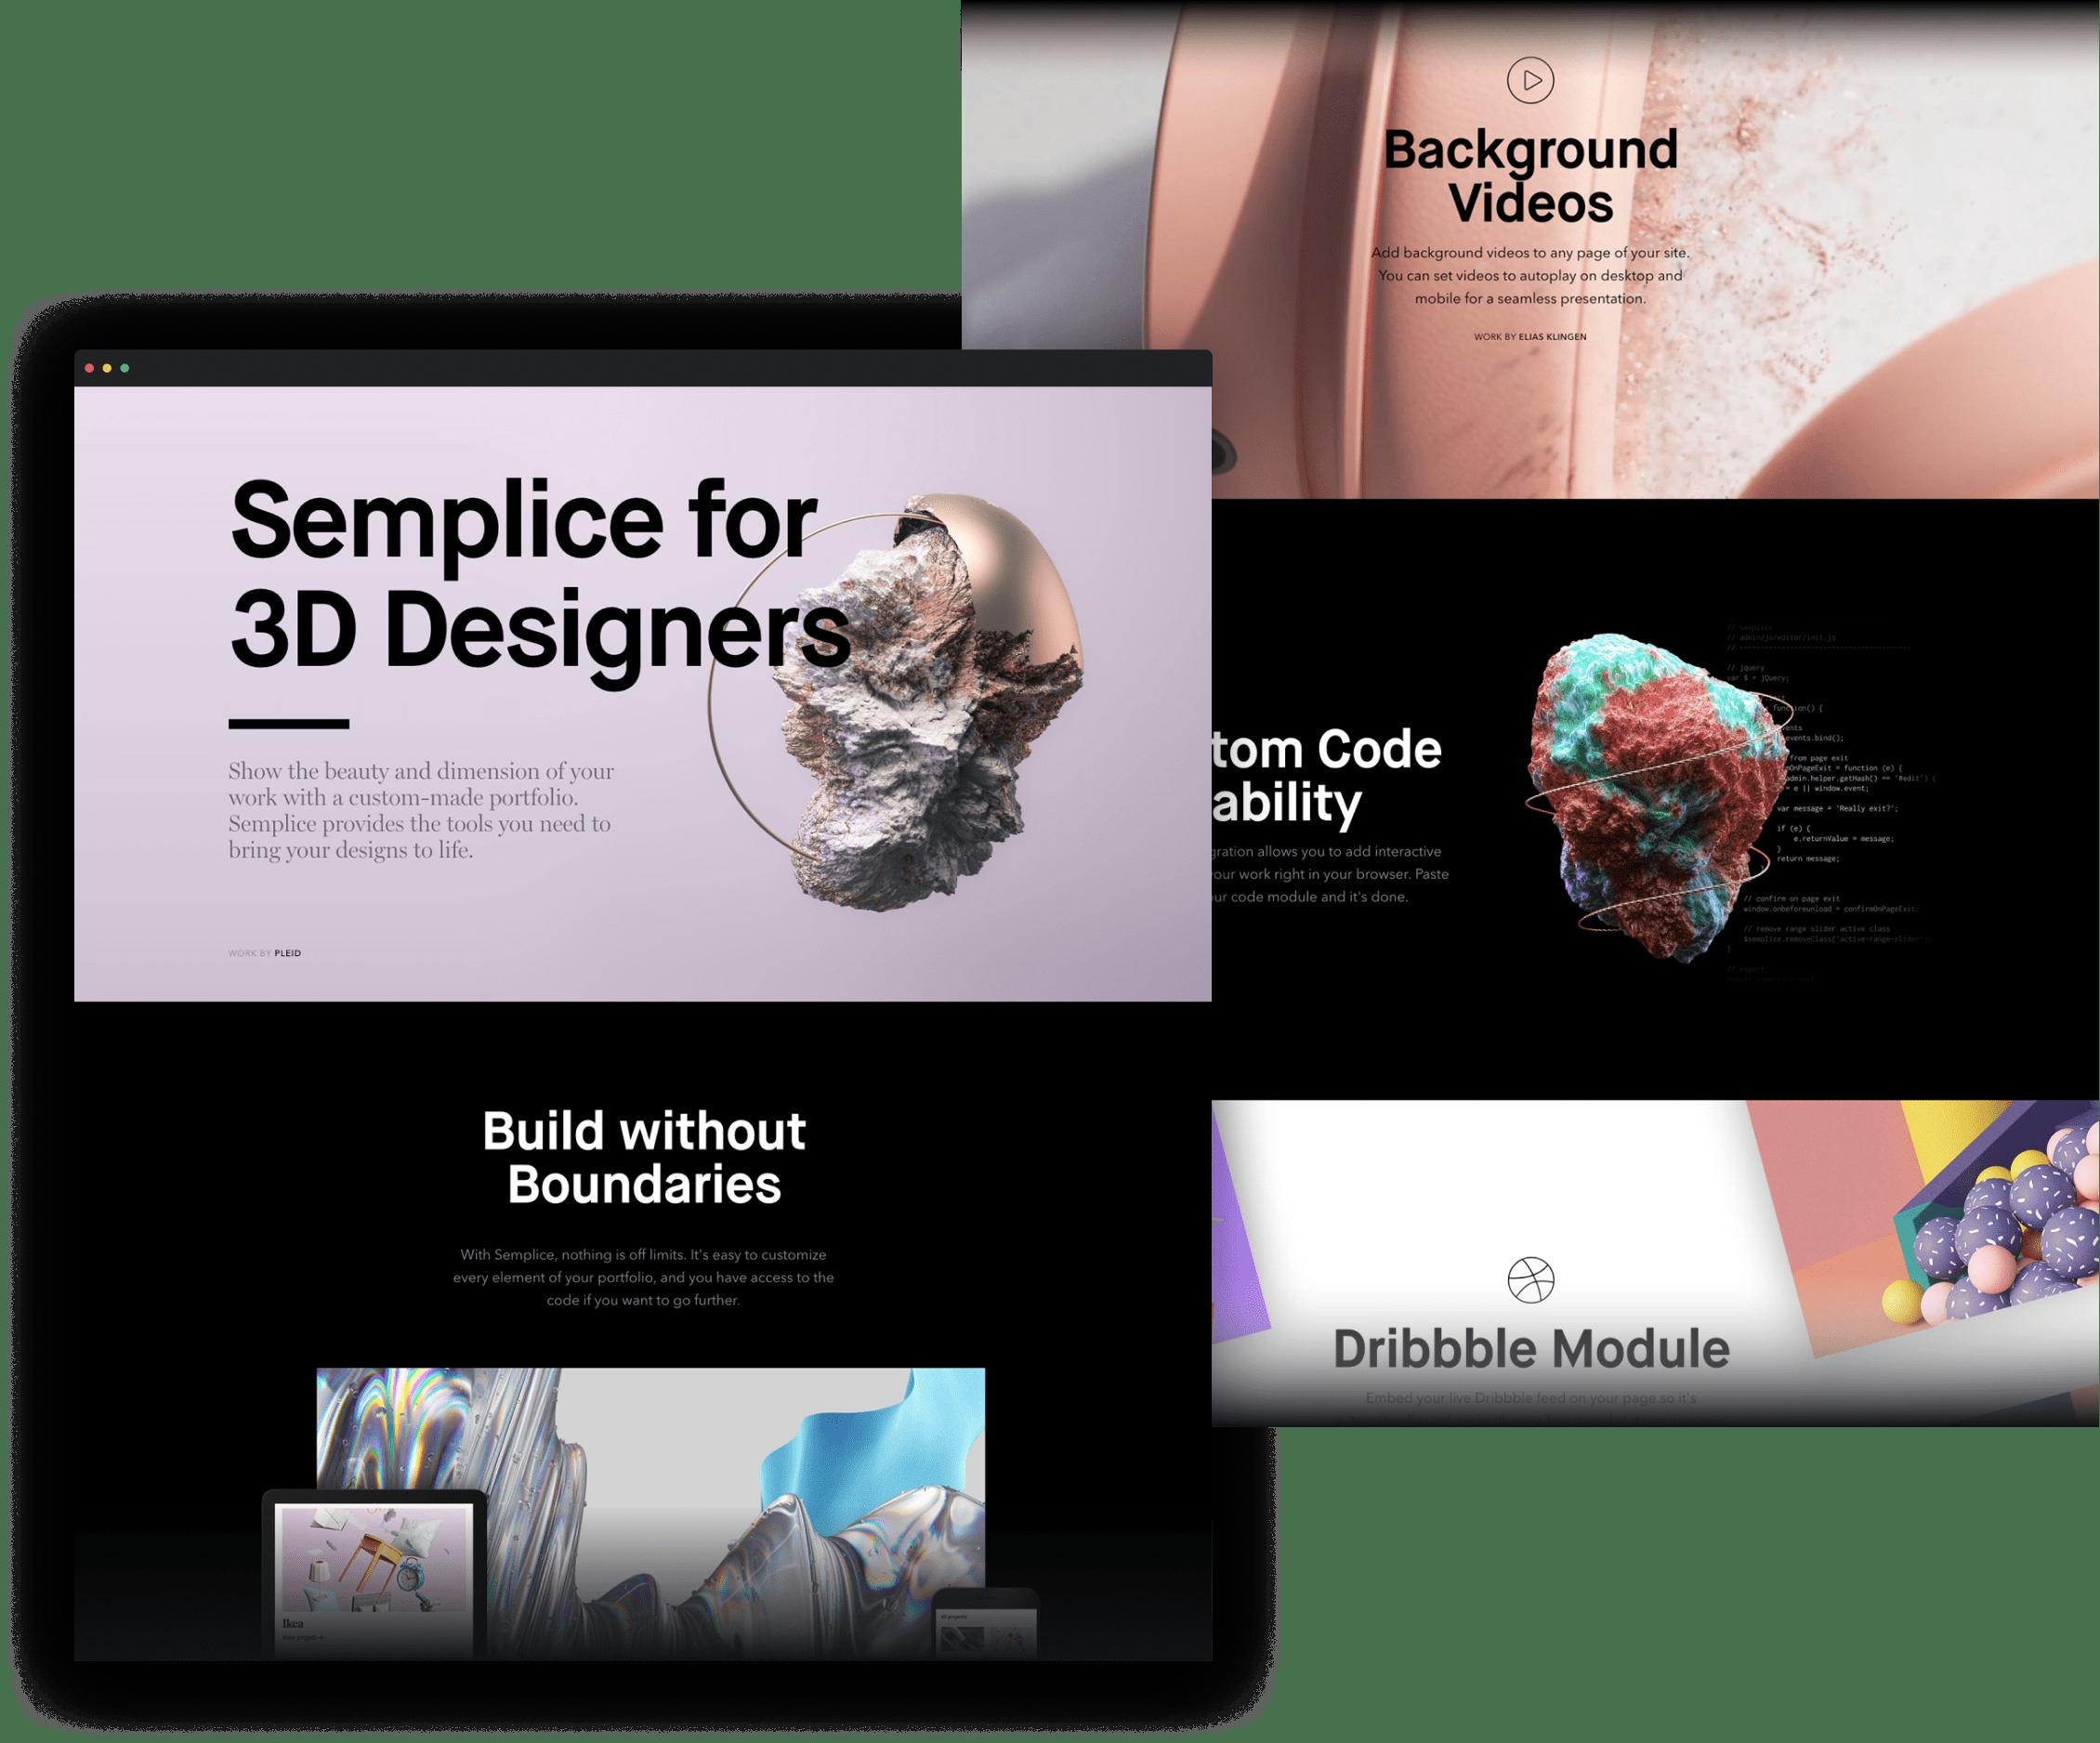 3D-Designers2x-min